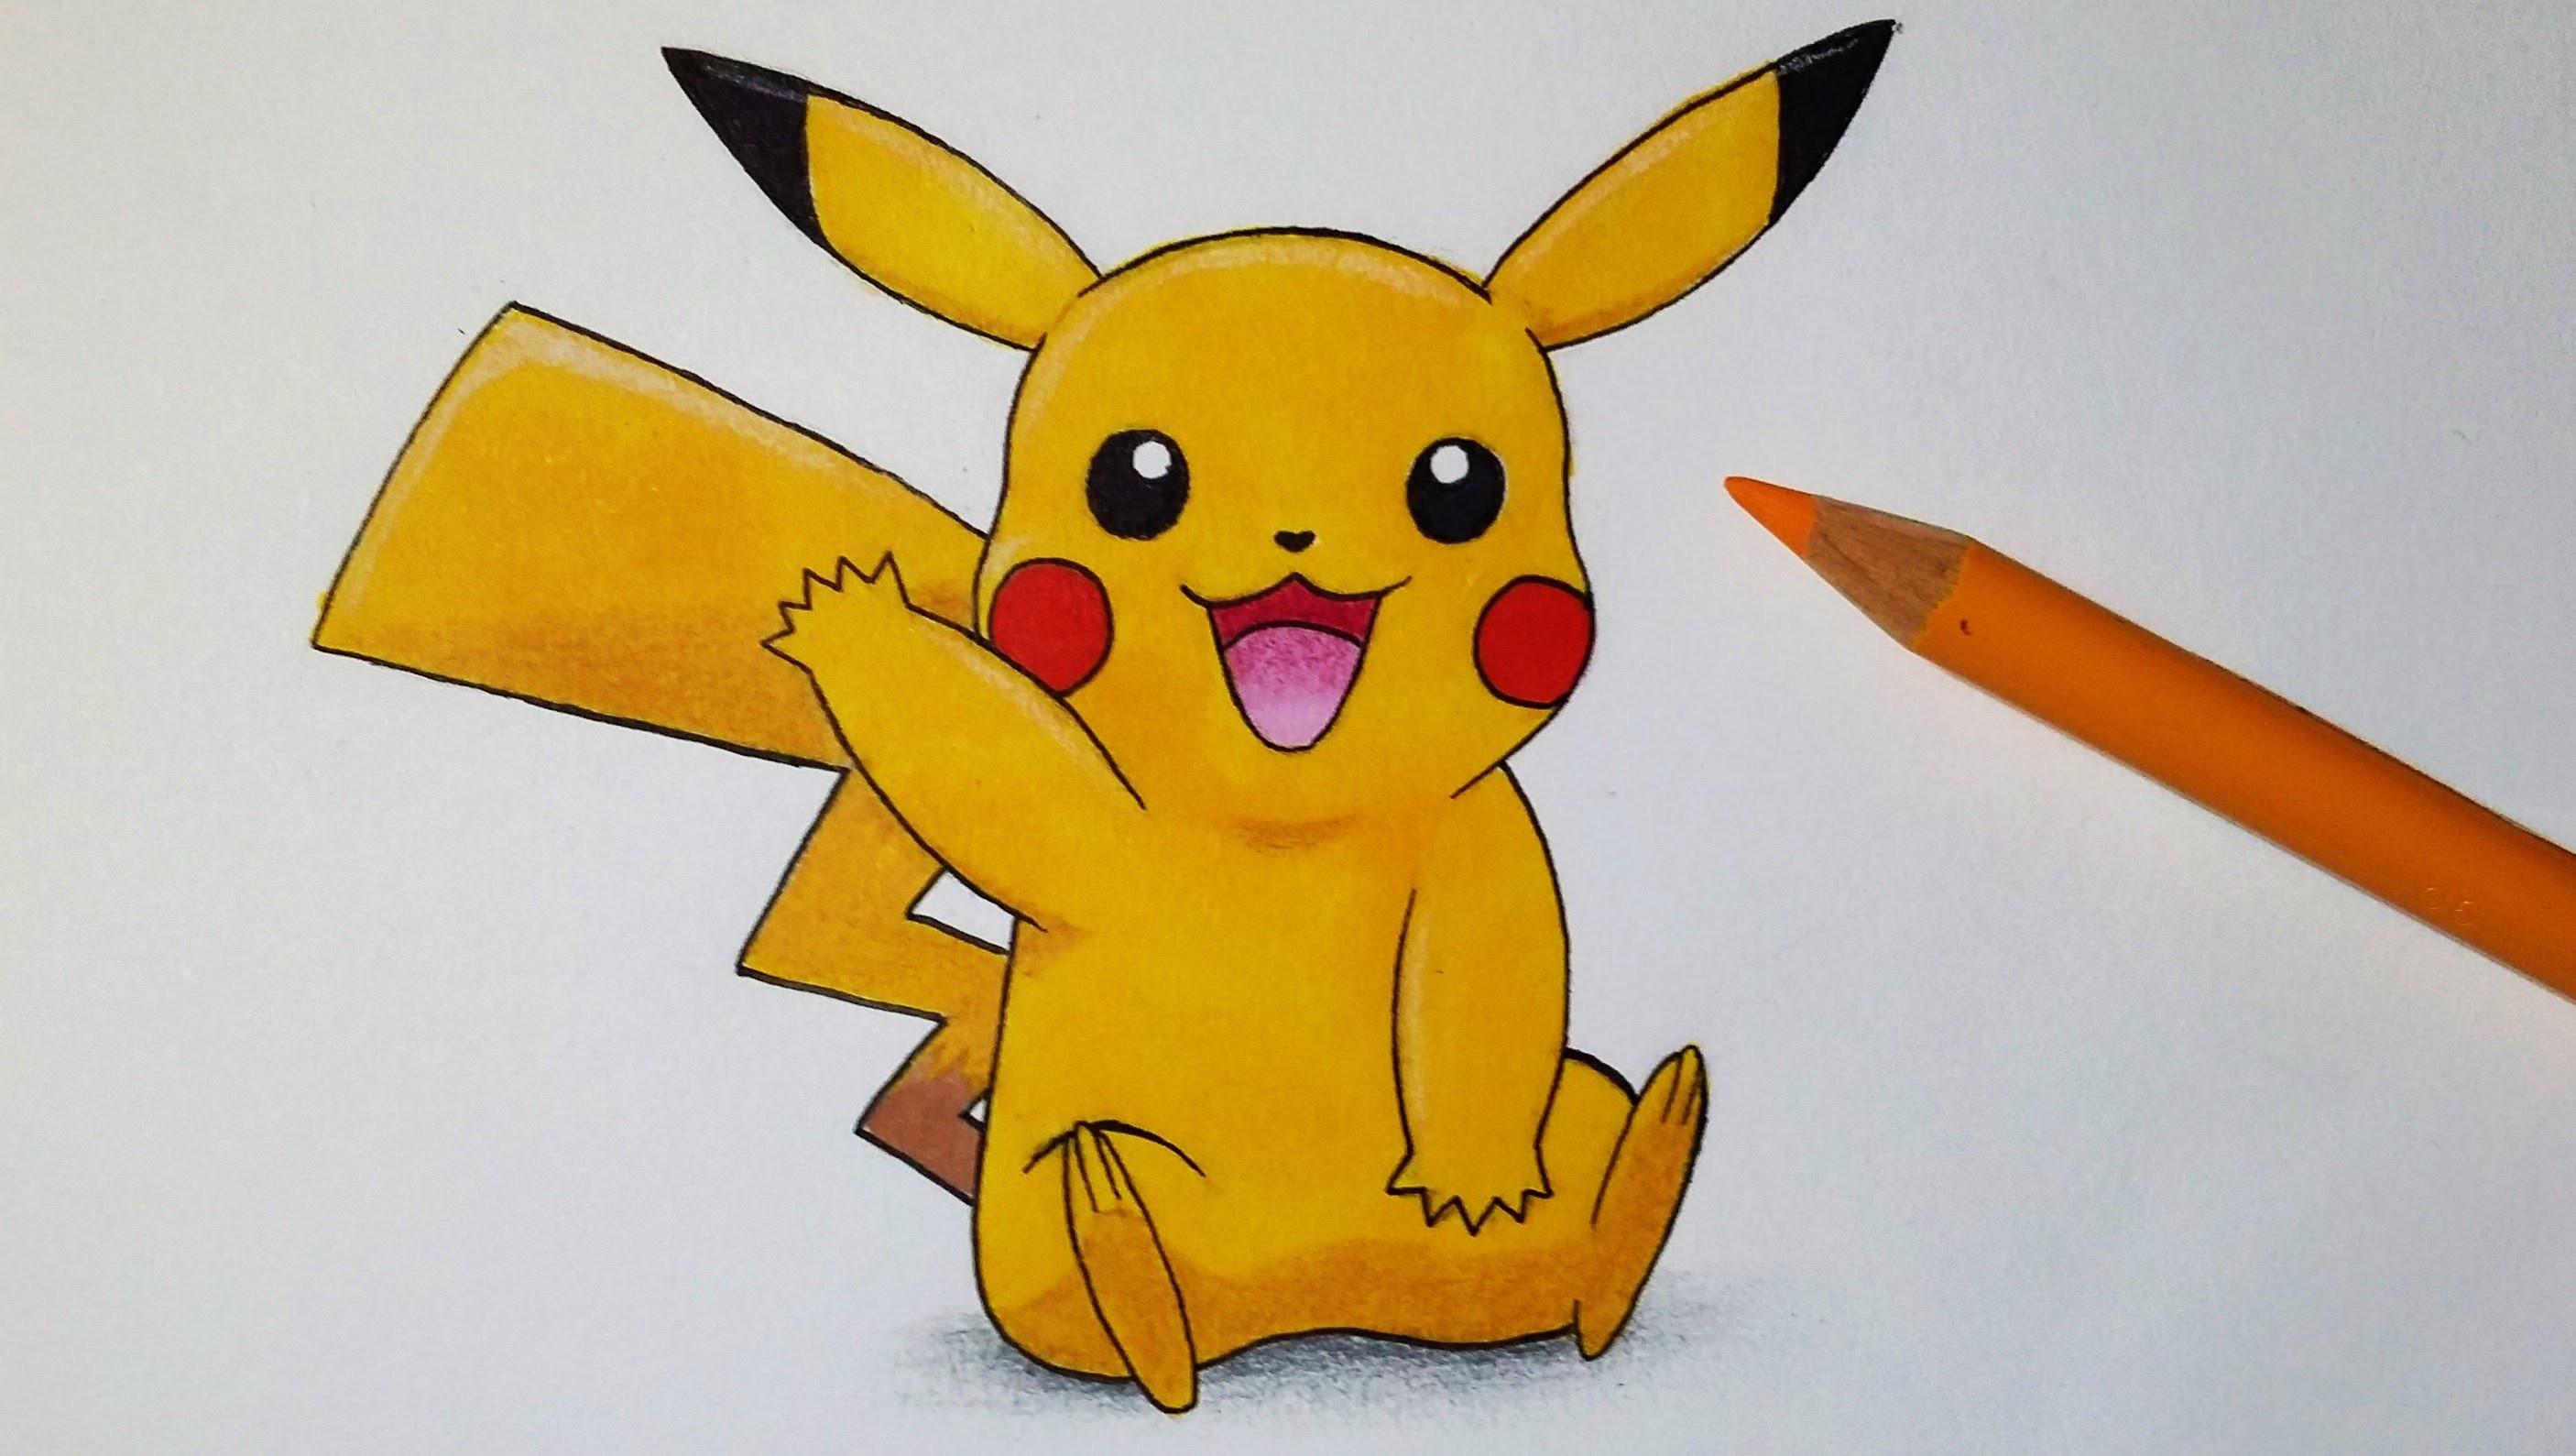 Dessin Kawaii Pokemon 365